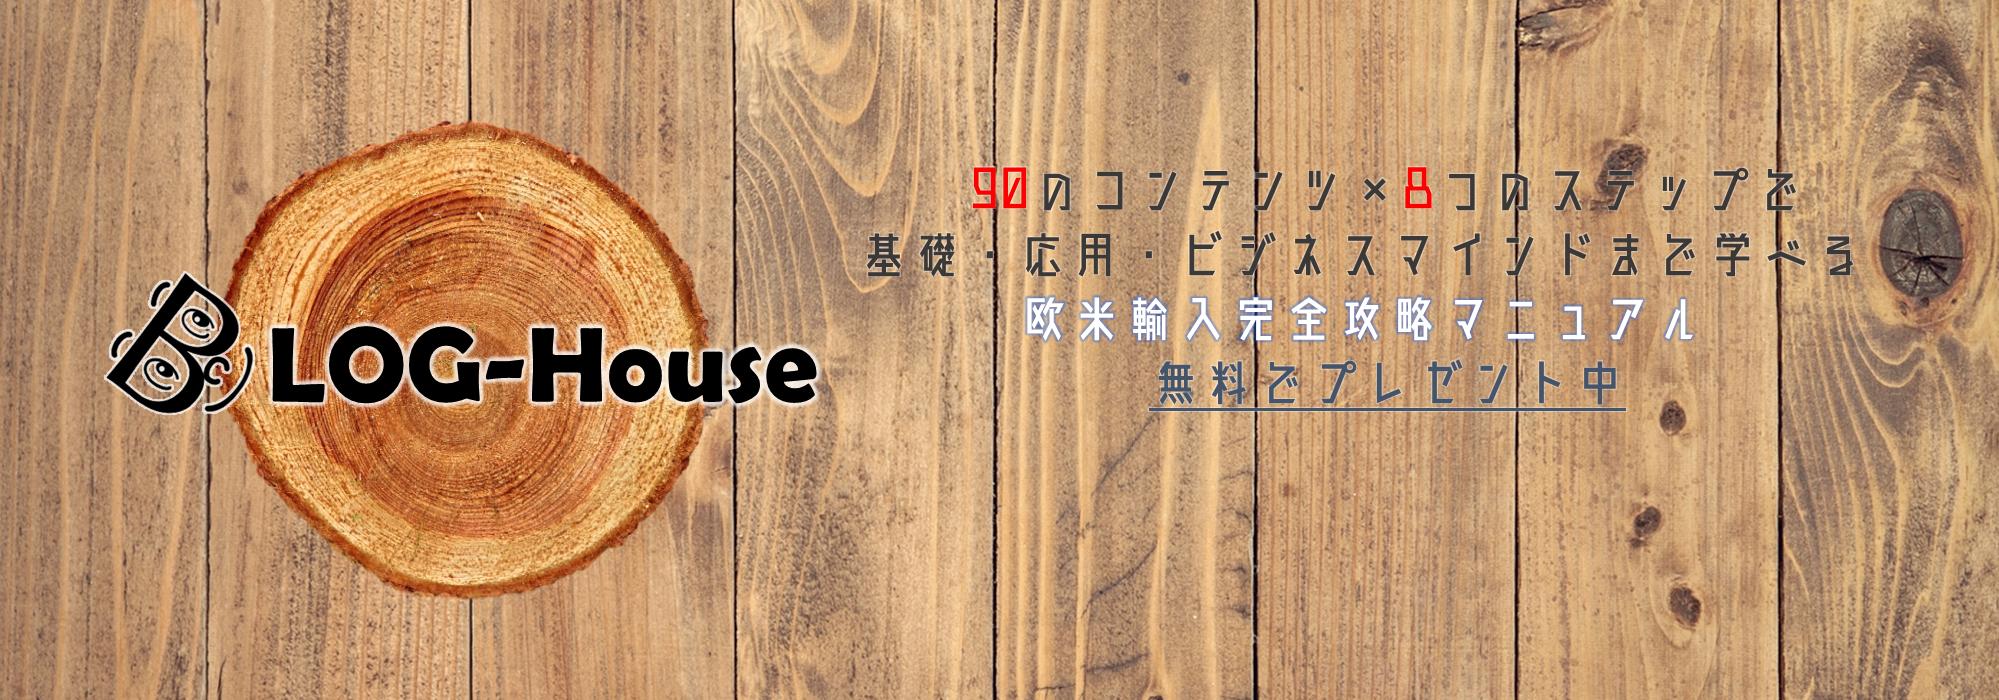 副業eBay輸入ビジネスでマイホームを建てたスケのブログハウス